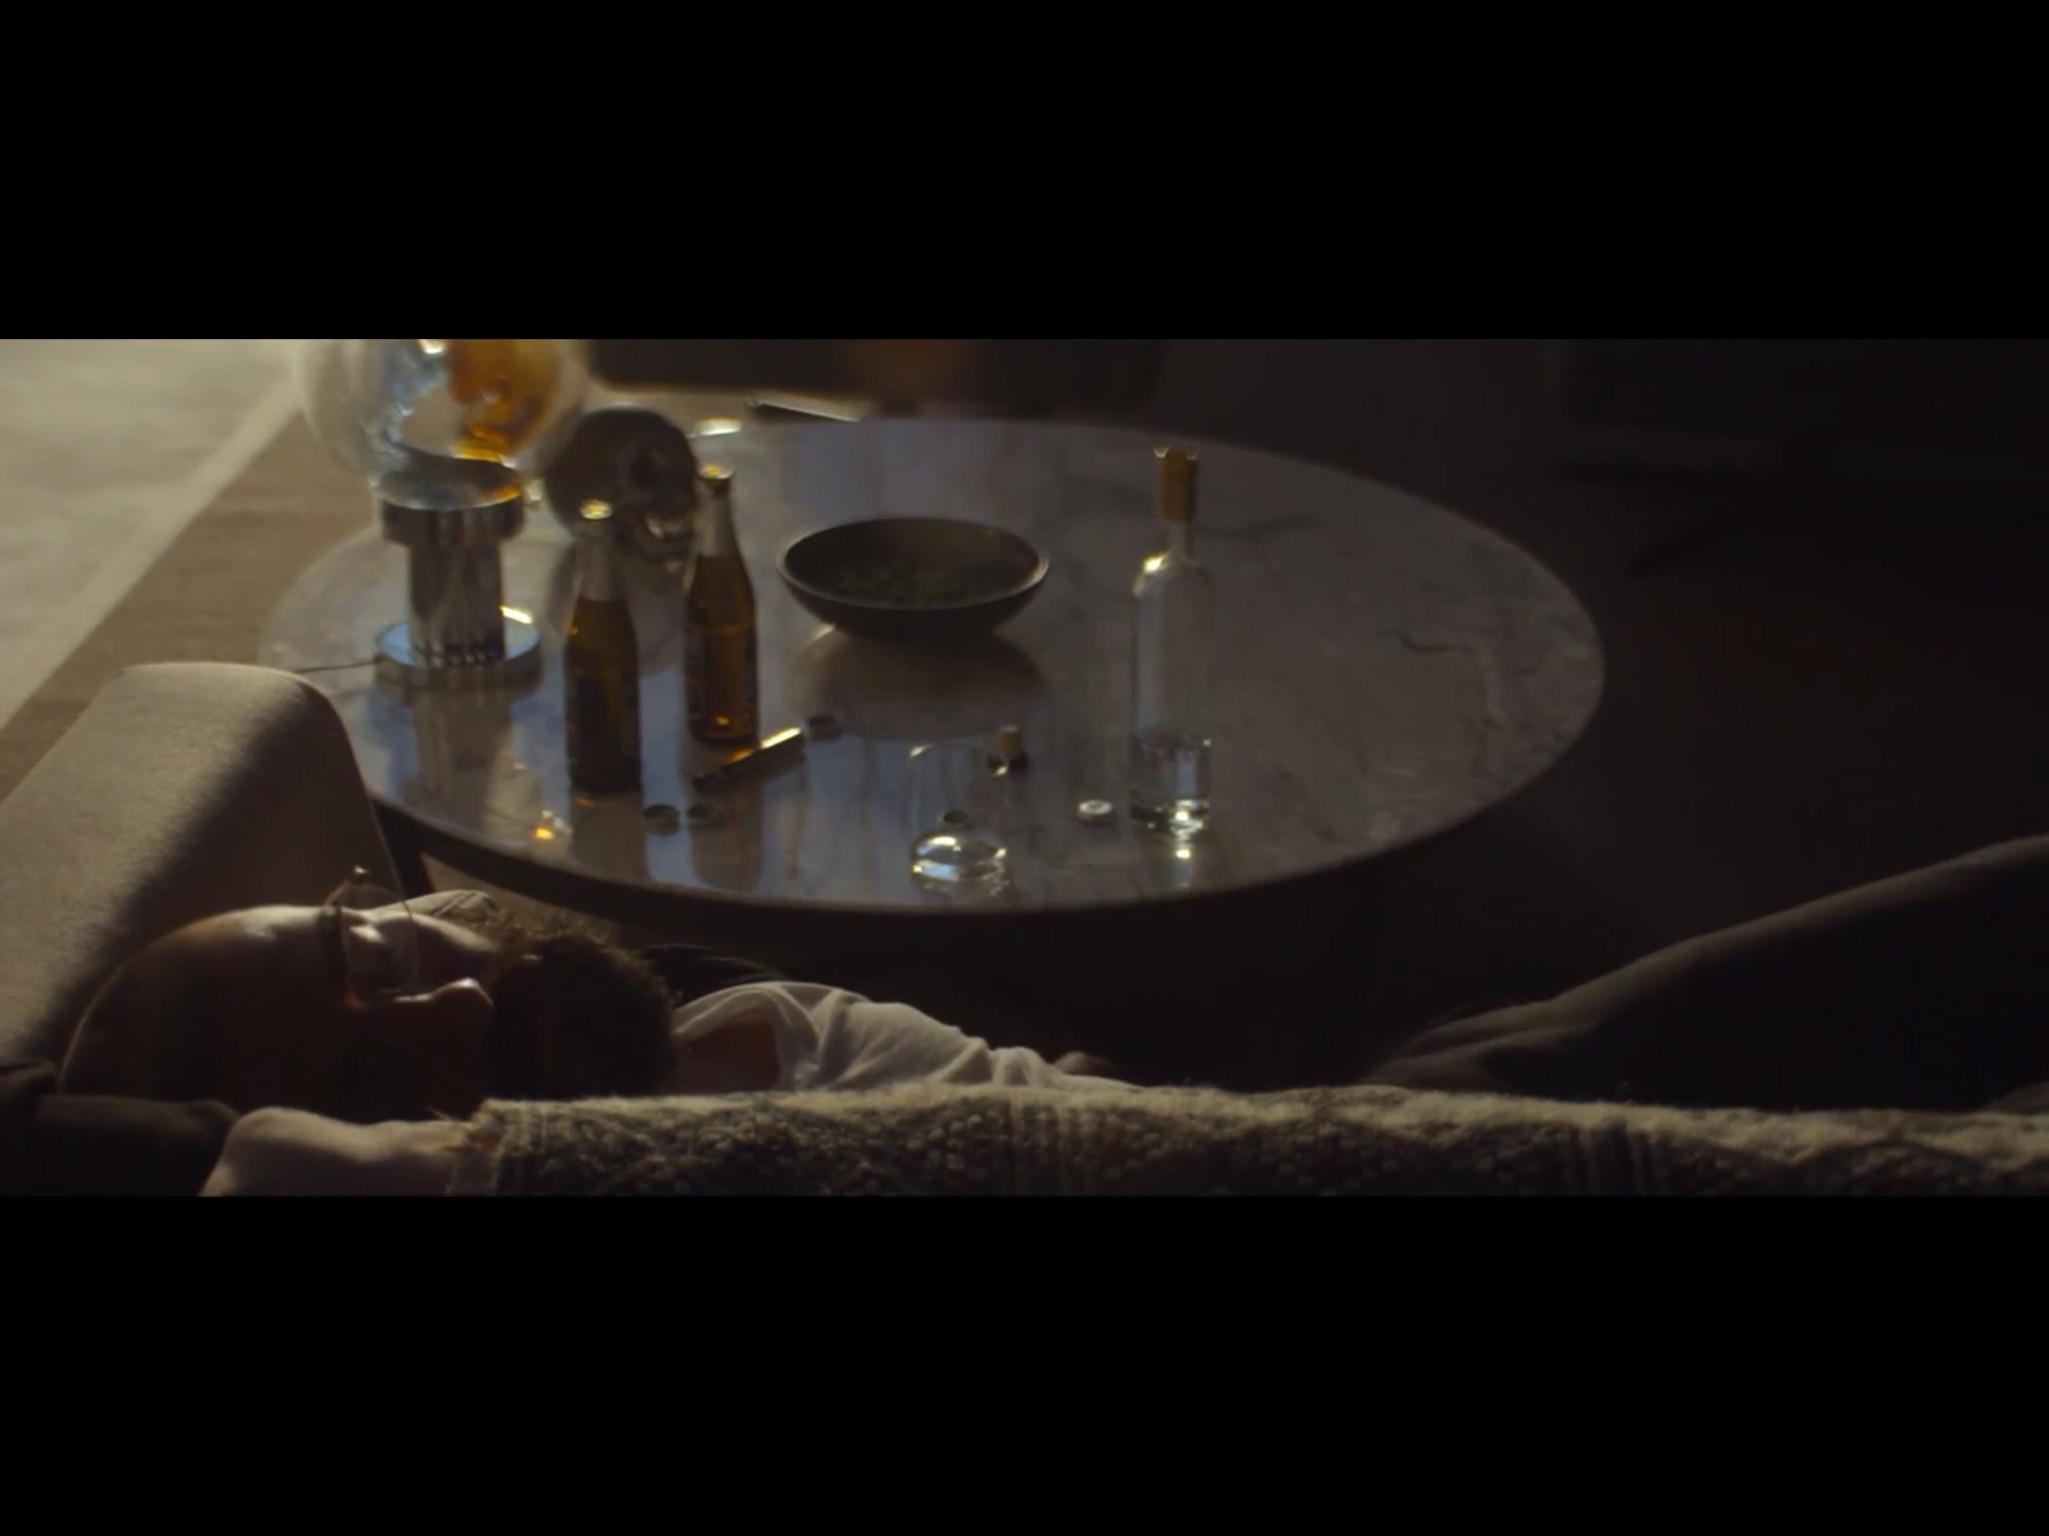 ex-machina-movie-screenshot-24.JPG